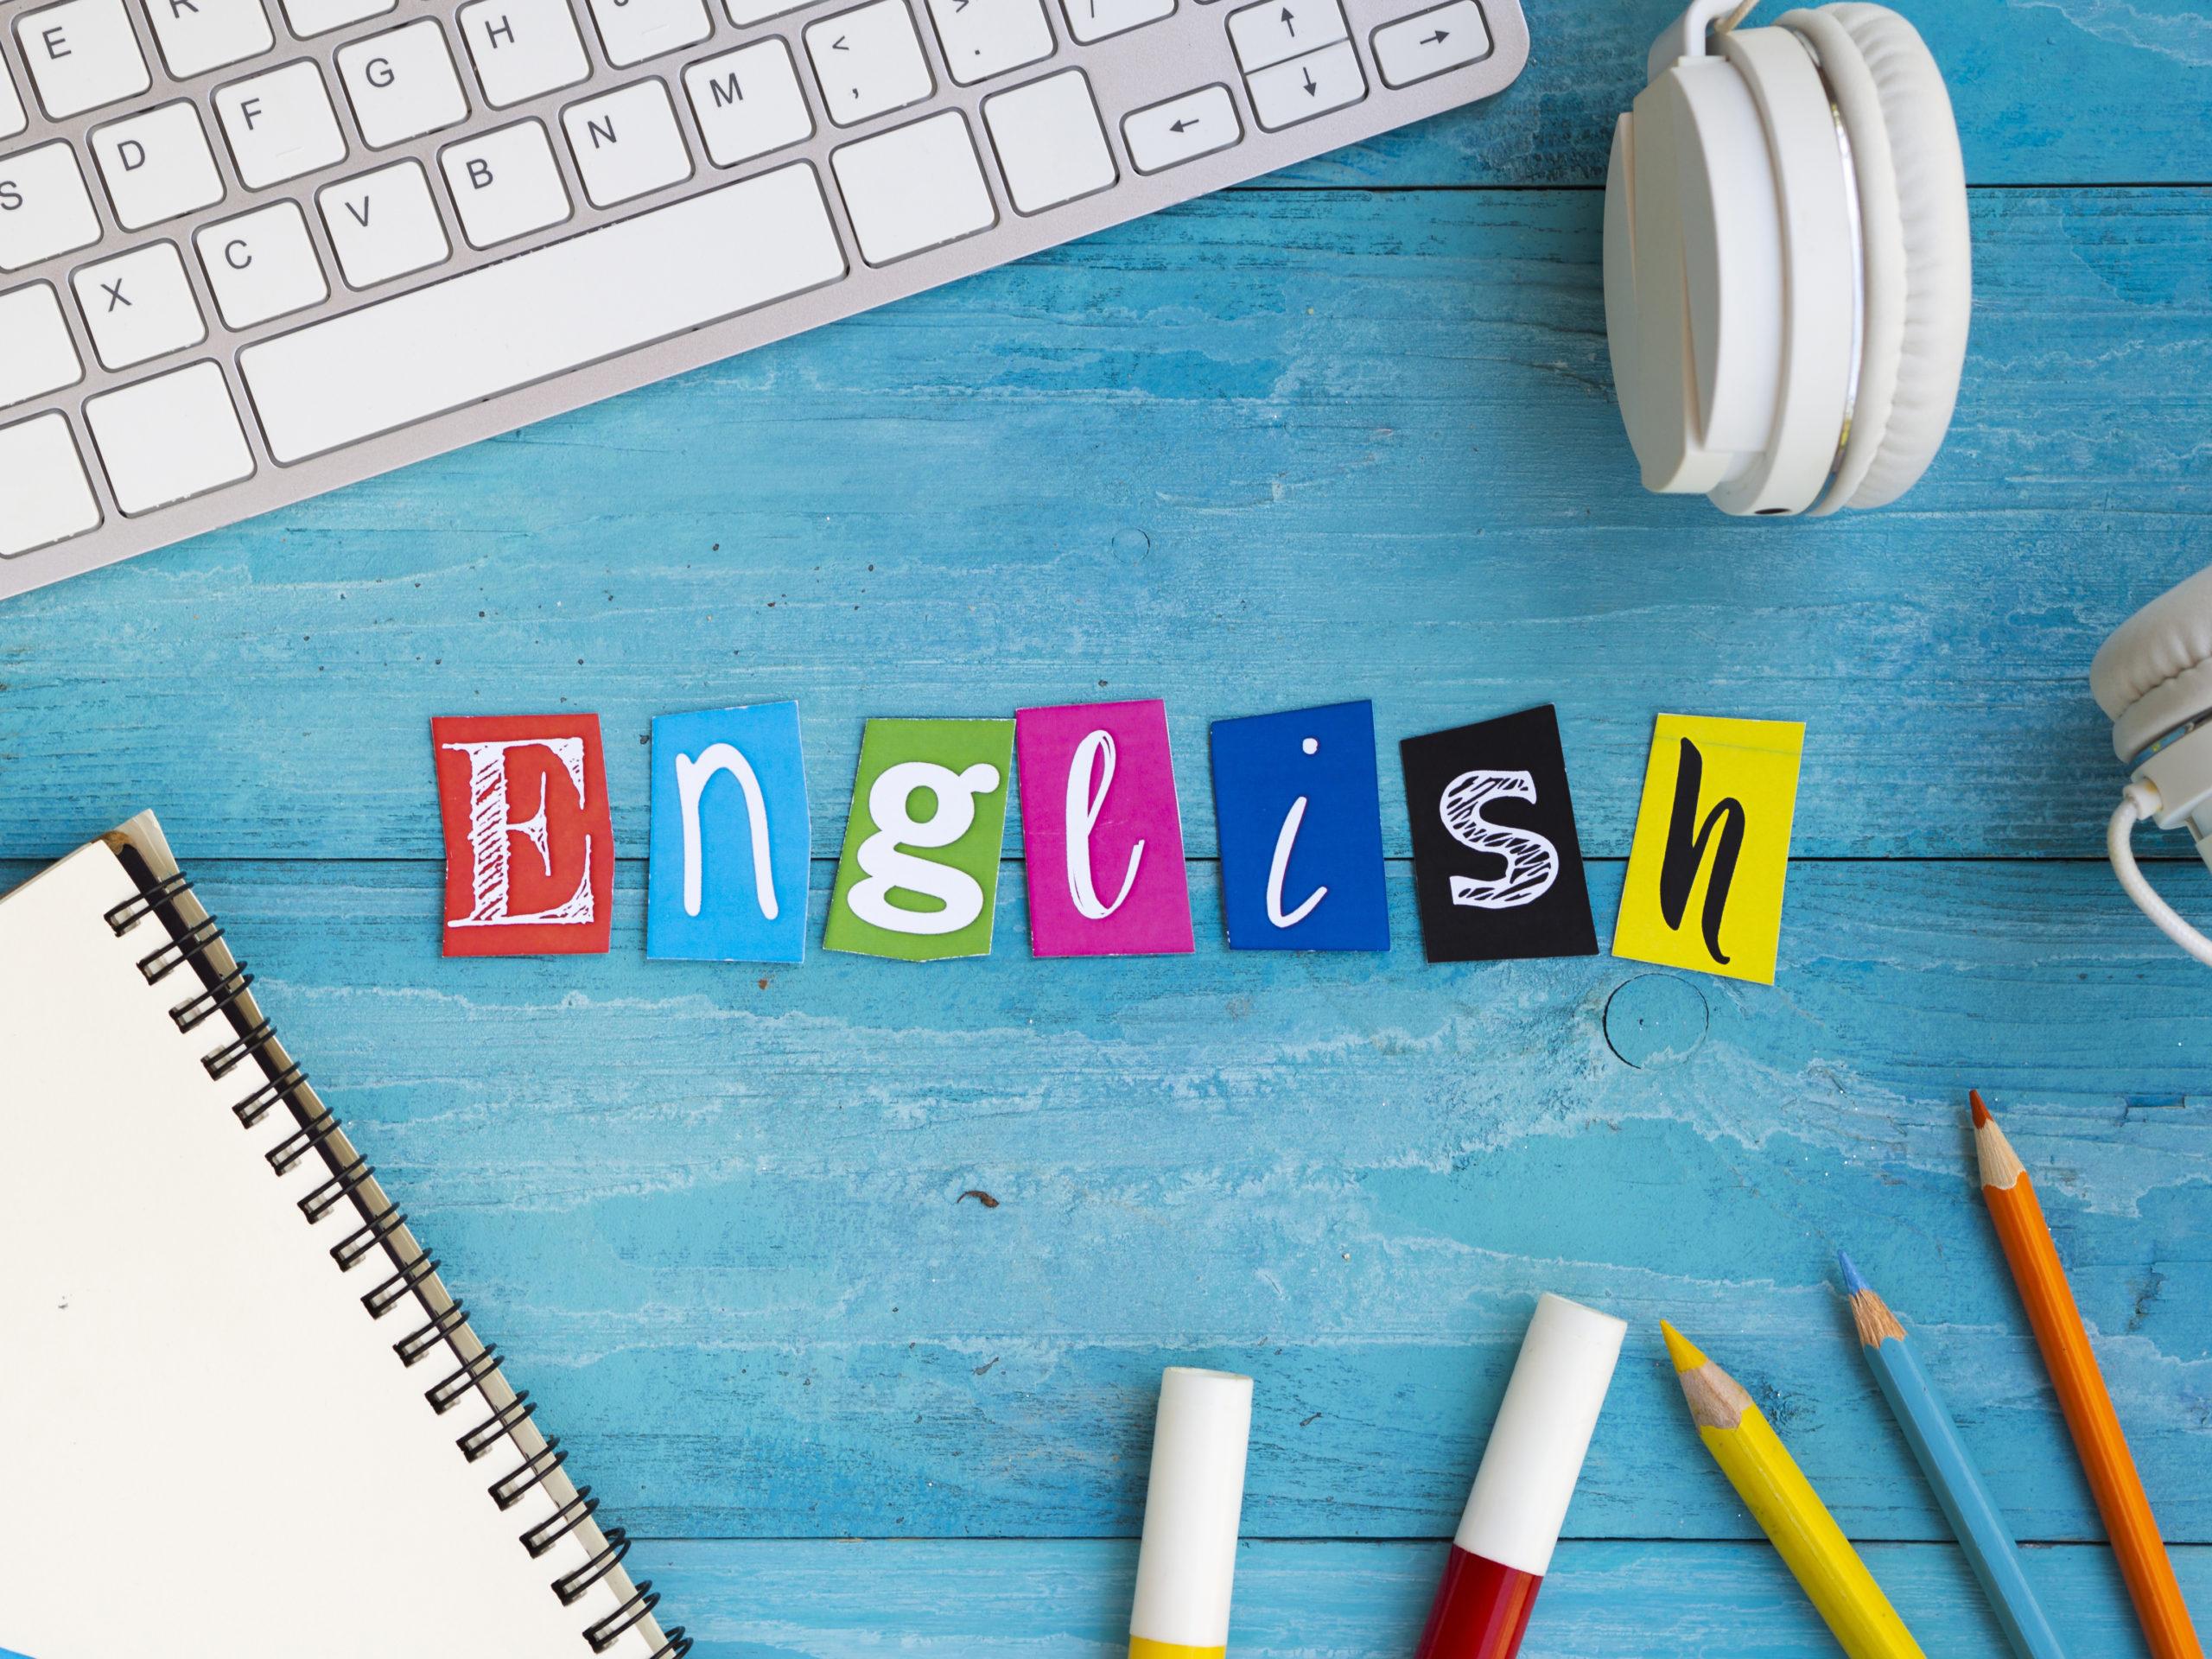 תרגום אתרי אינטרנט לאנגלית בתמונה על רקע המילה באנגלית באותיות בצבעים שולחן החלק מקלדת ועפרונות רואים בתחתית התמונה